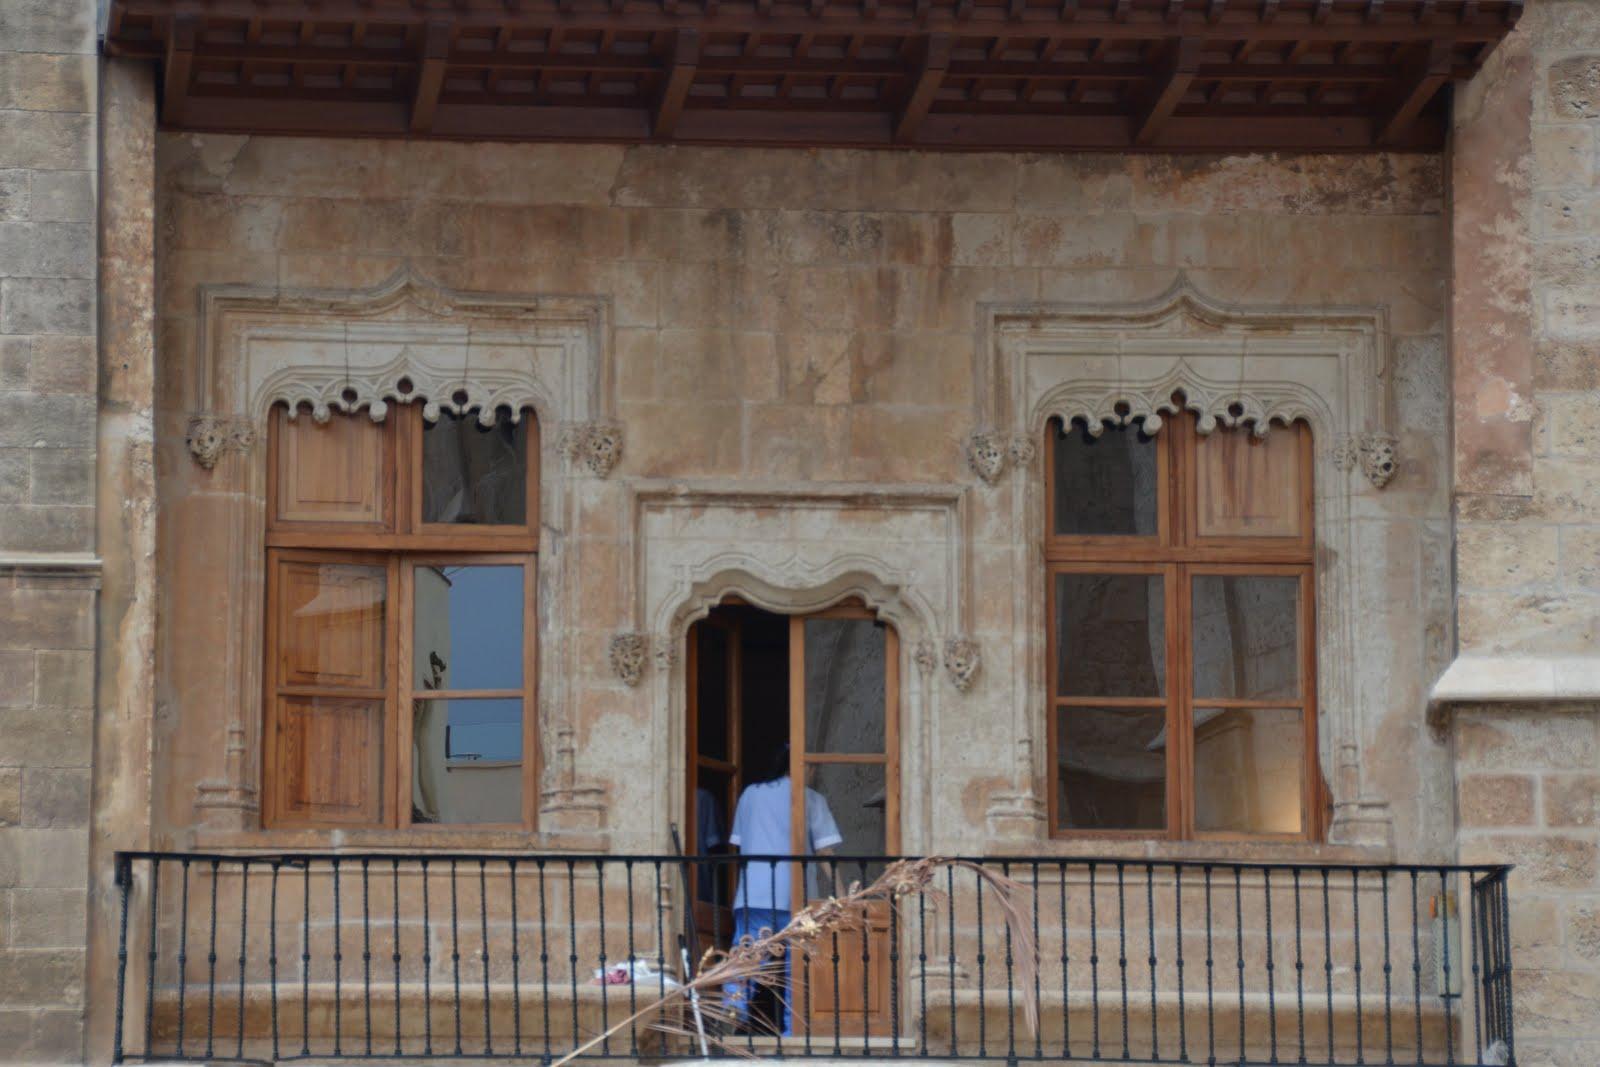 旅遊筆記: Spain ﹣﹣﹣ Palma de Mallorca 西班牙 馬略卡島 帕爾馬